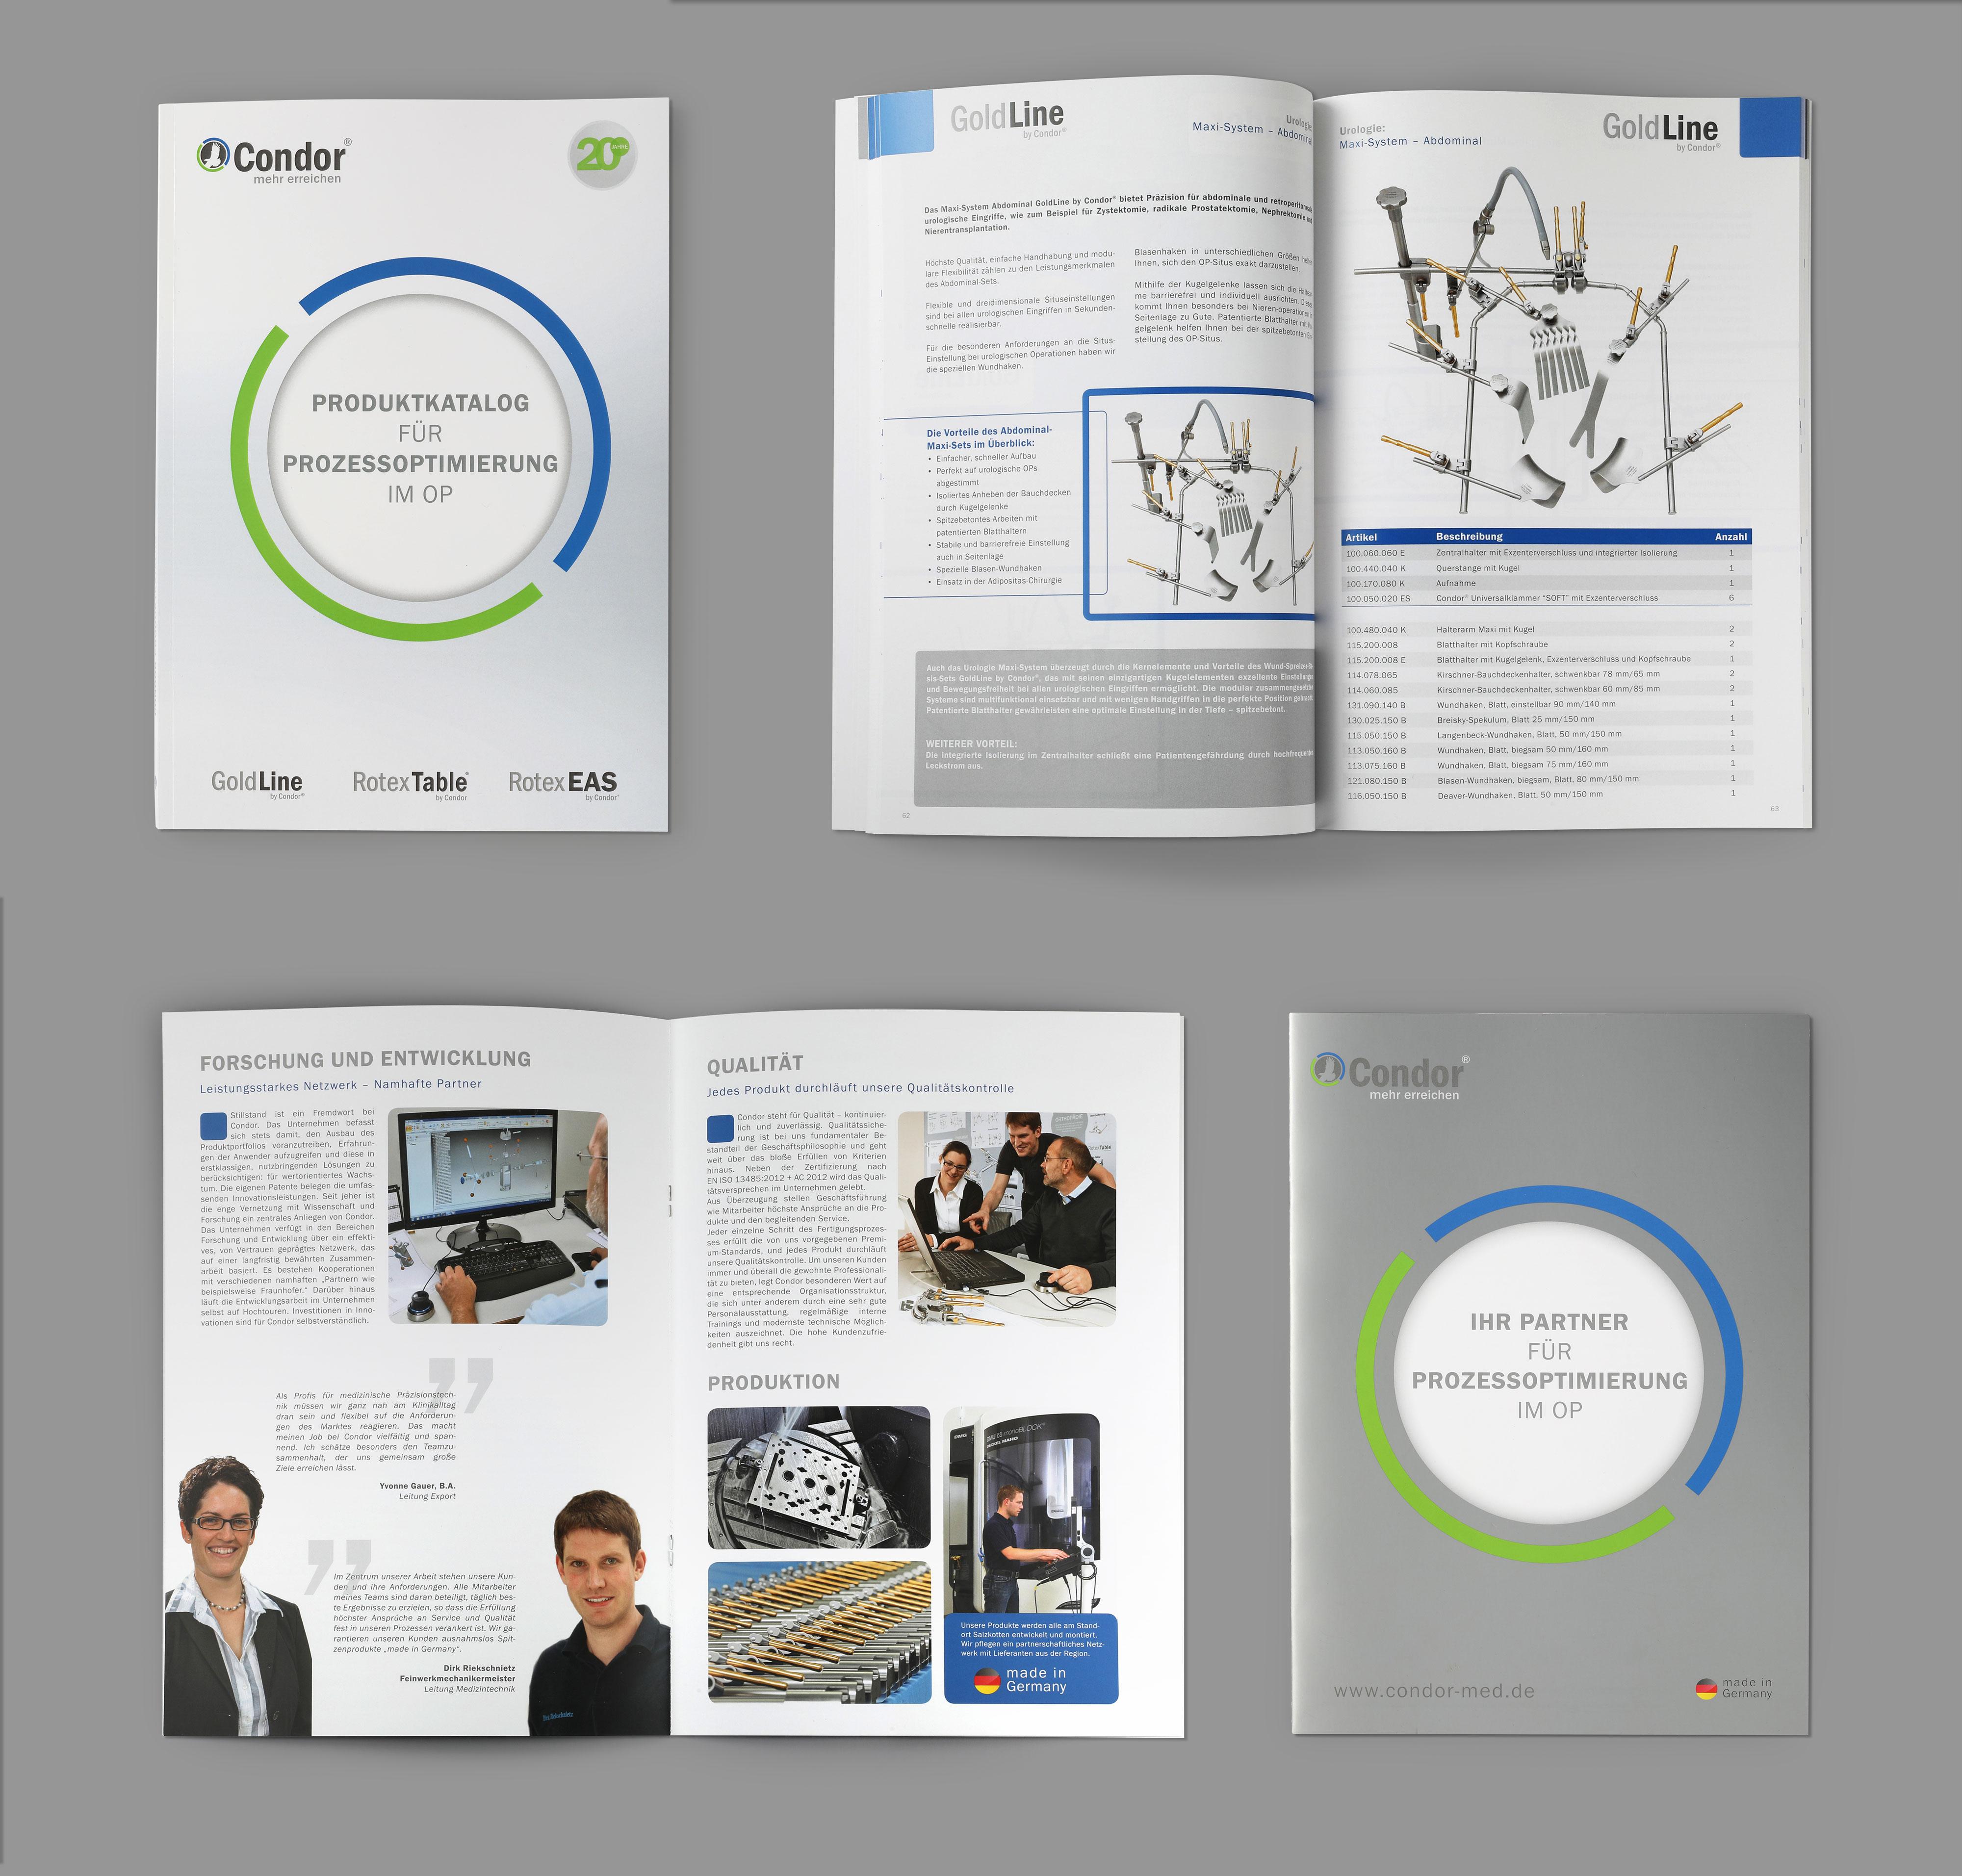 Hüppmeier Marketing und Design GmbH - Referenz - Condor Katalog - Broschüre